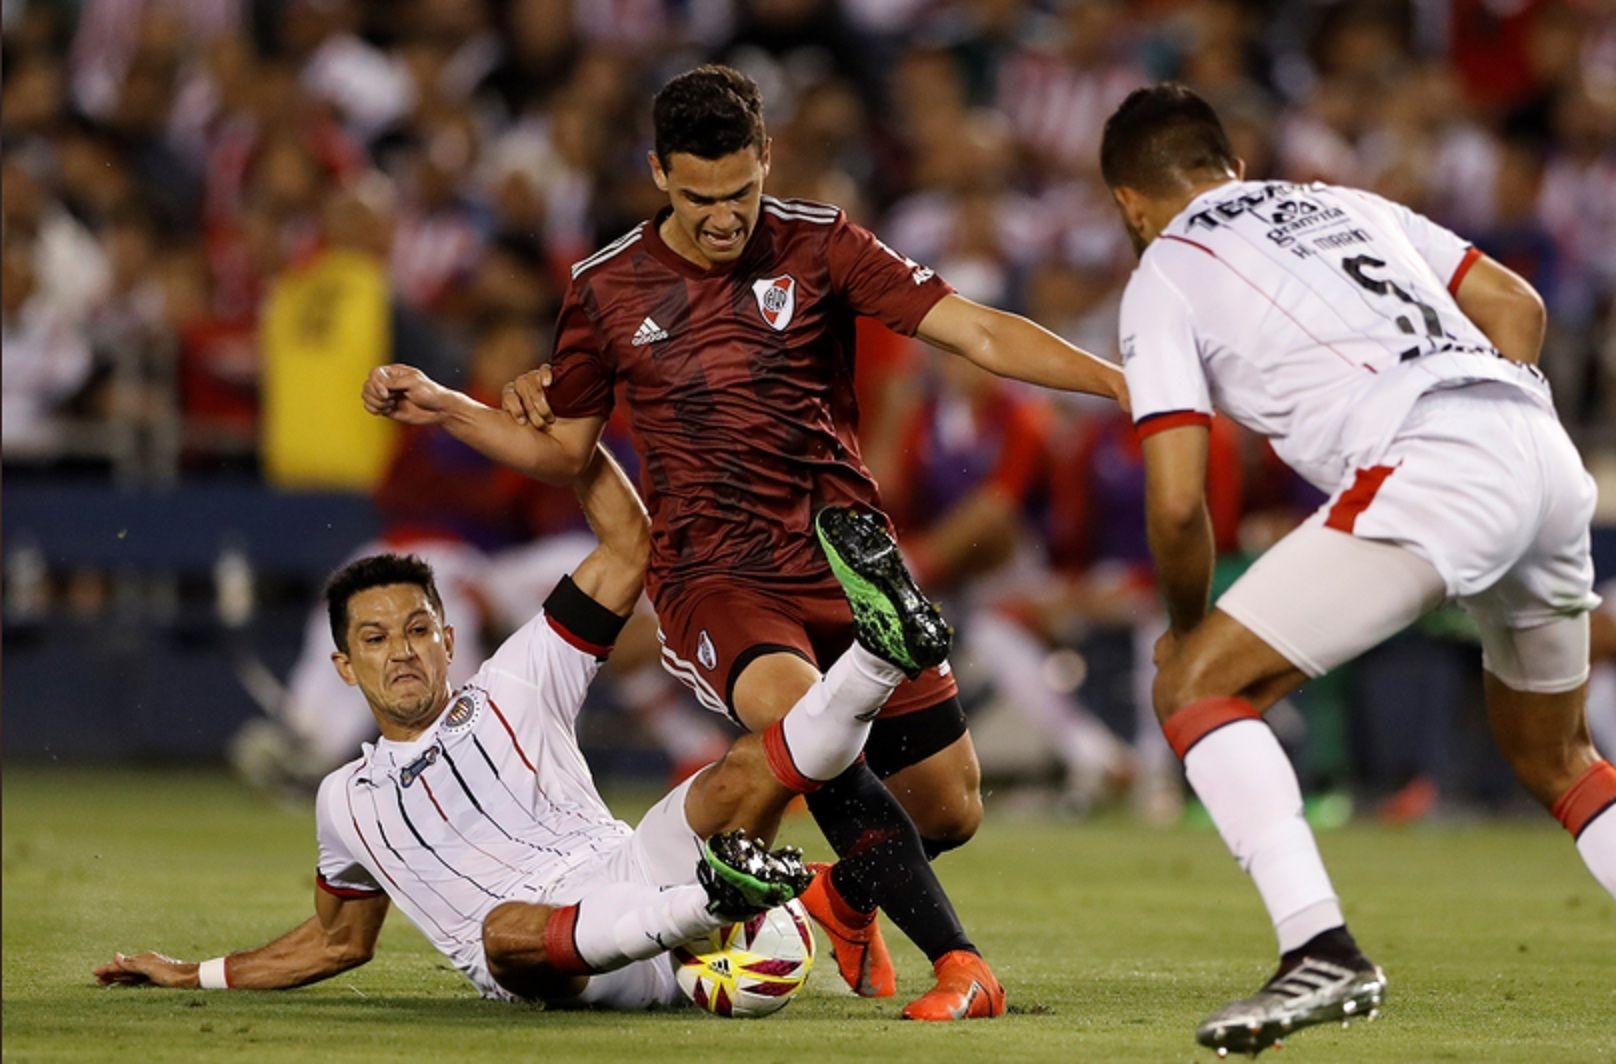 River inició su pretemporada con una goleada por 5-1 frente a Chivas de Guadalajara